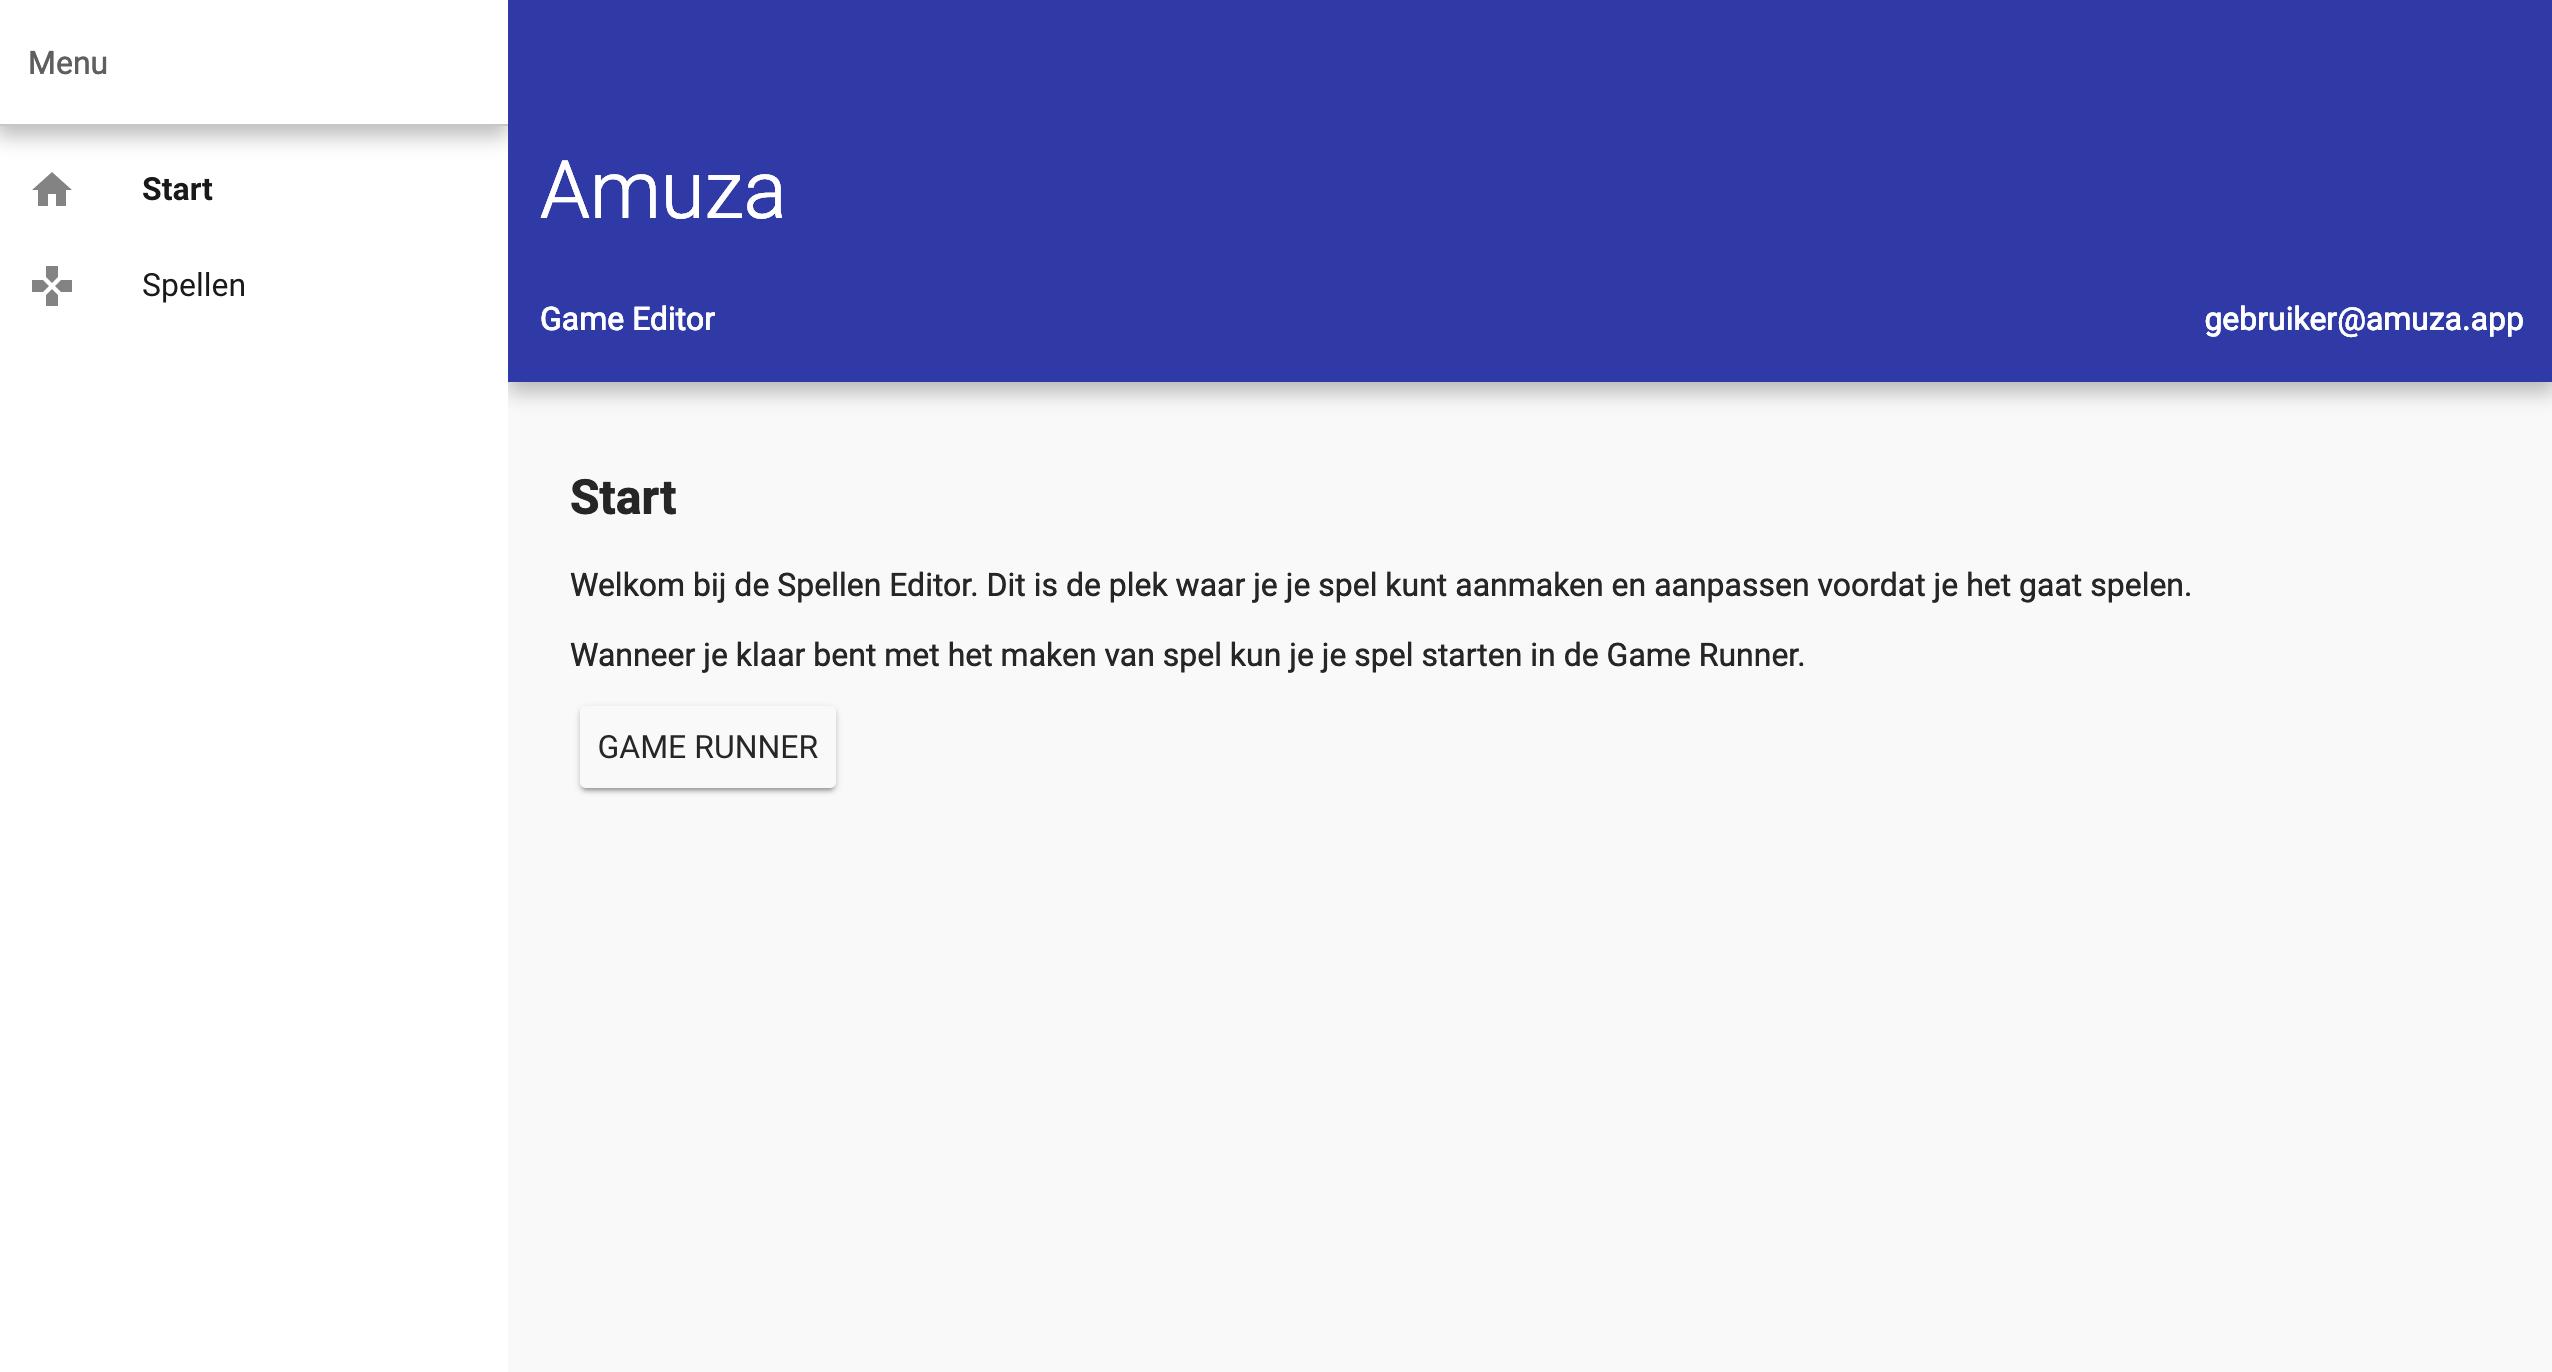 Eerste scherm van de game editor